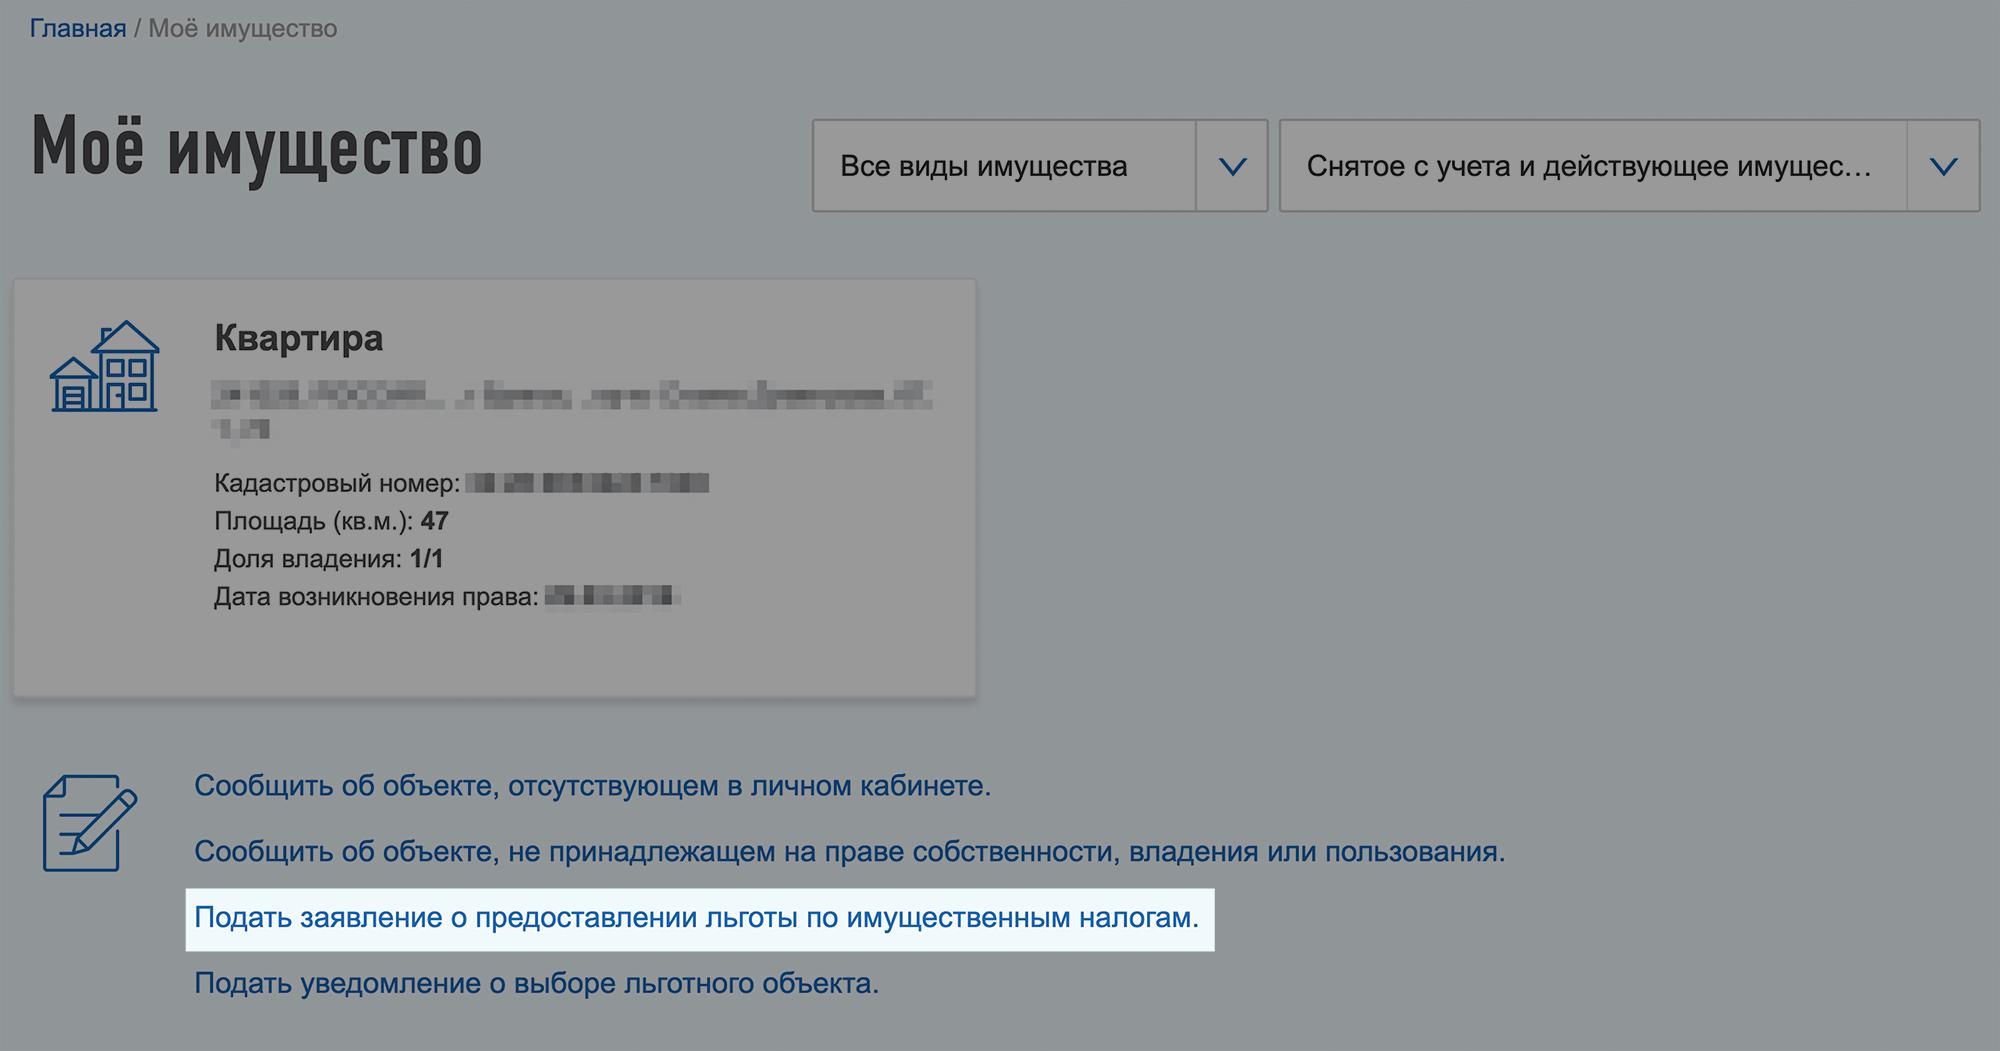 В разделе «Мое имущество» есть ссылка для заполнения заявления о предоставлении льготы. Там можно выбрать объект, указать вид льготы и дату, с которой она применяется. По желанию можно прикрепить подтверждающие документы, например пенсионное удостоверение